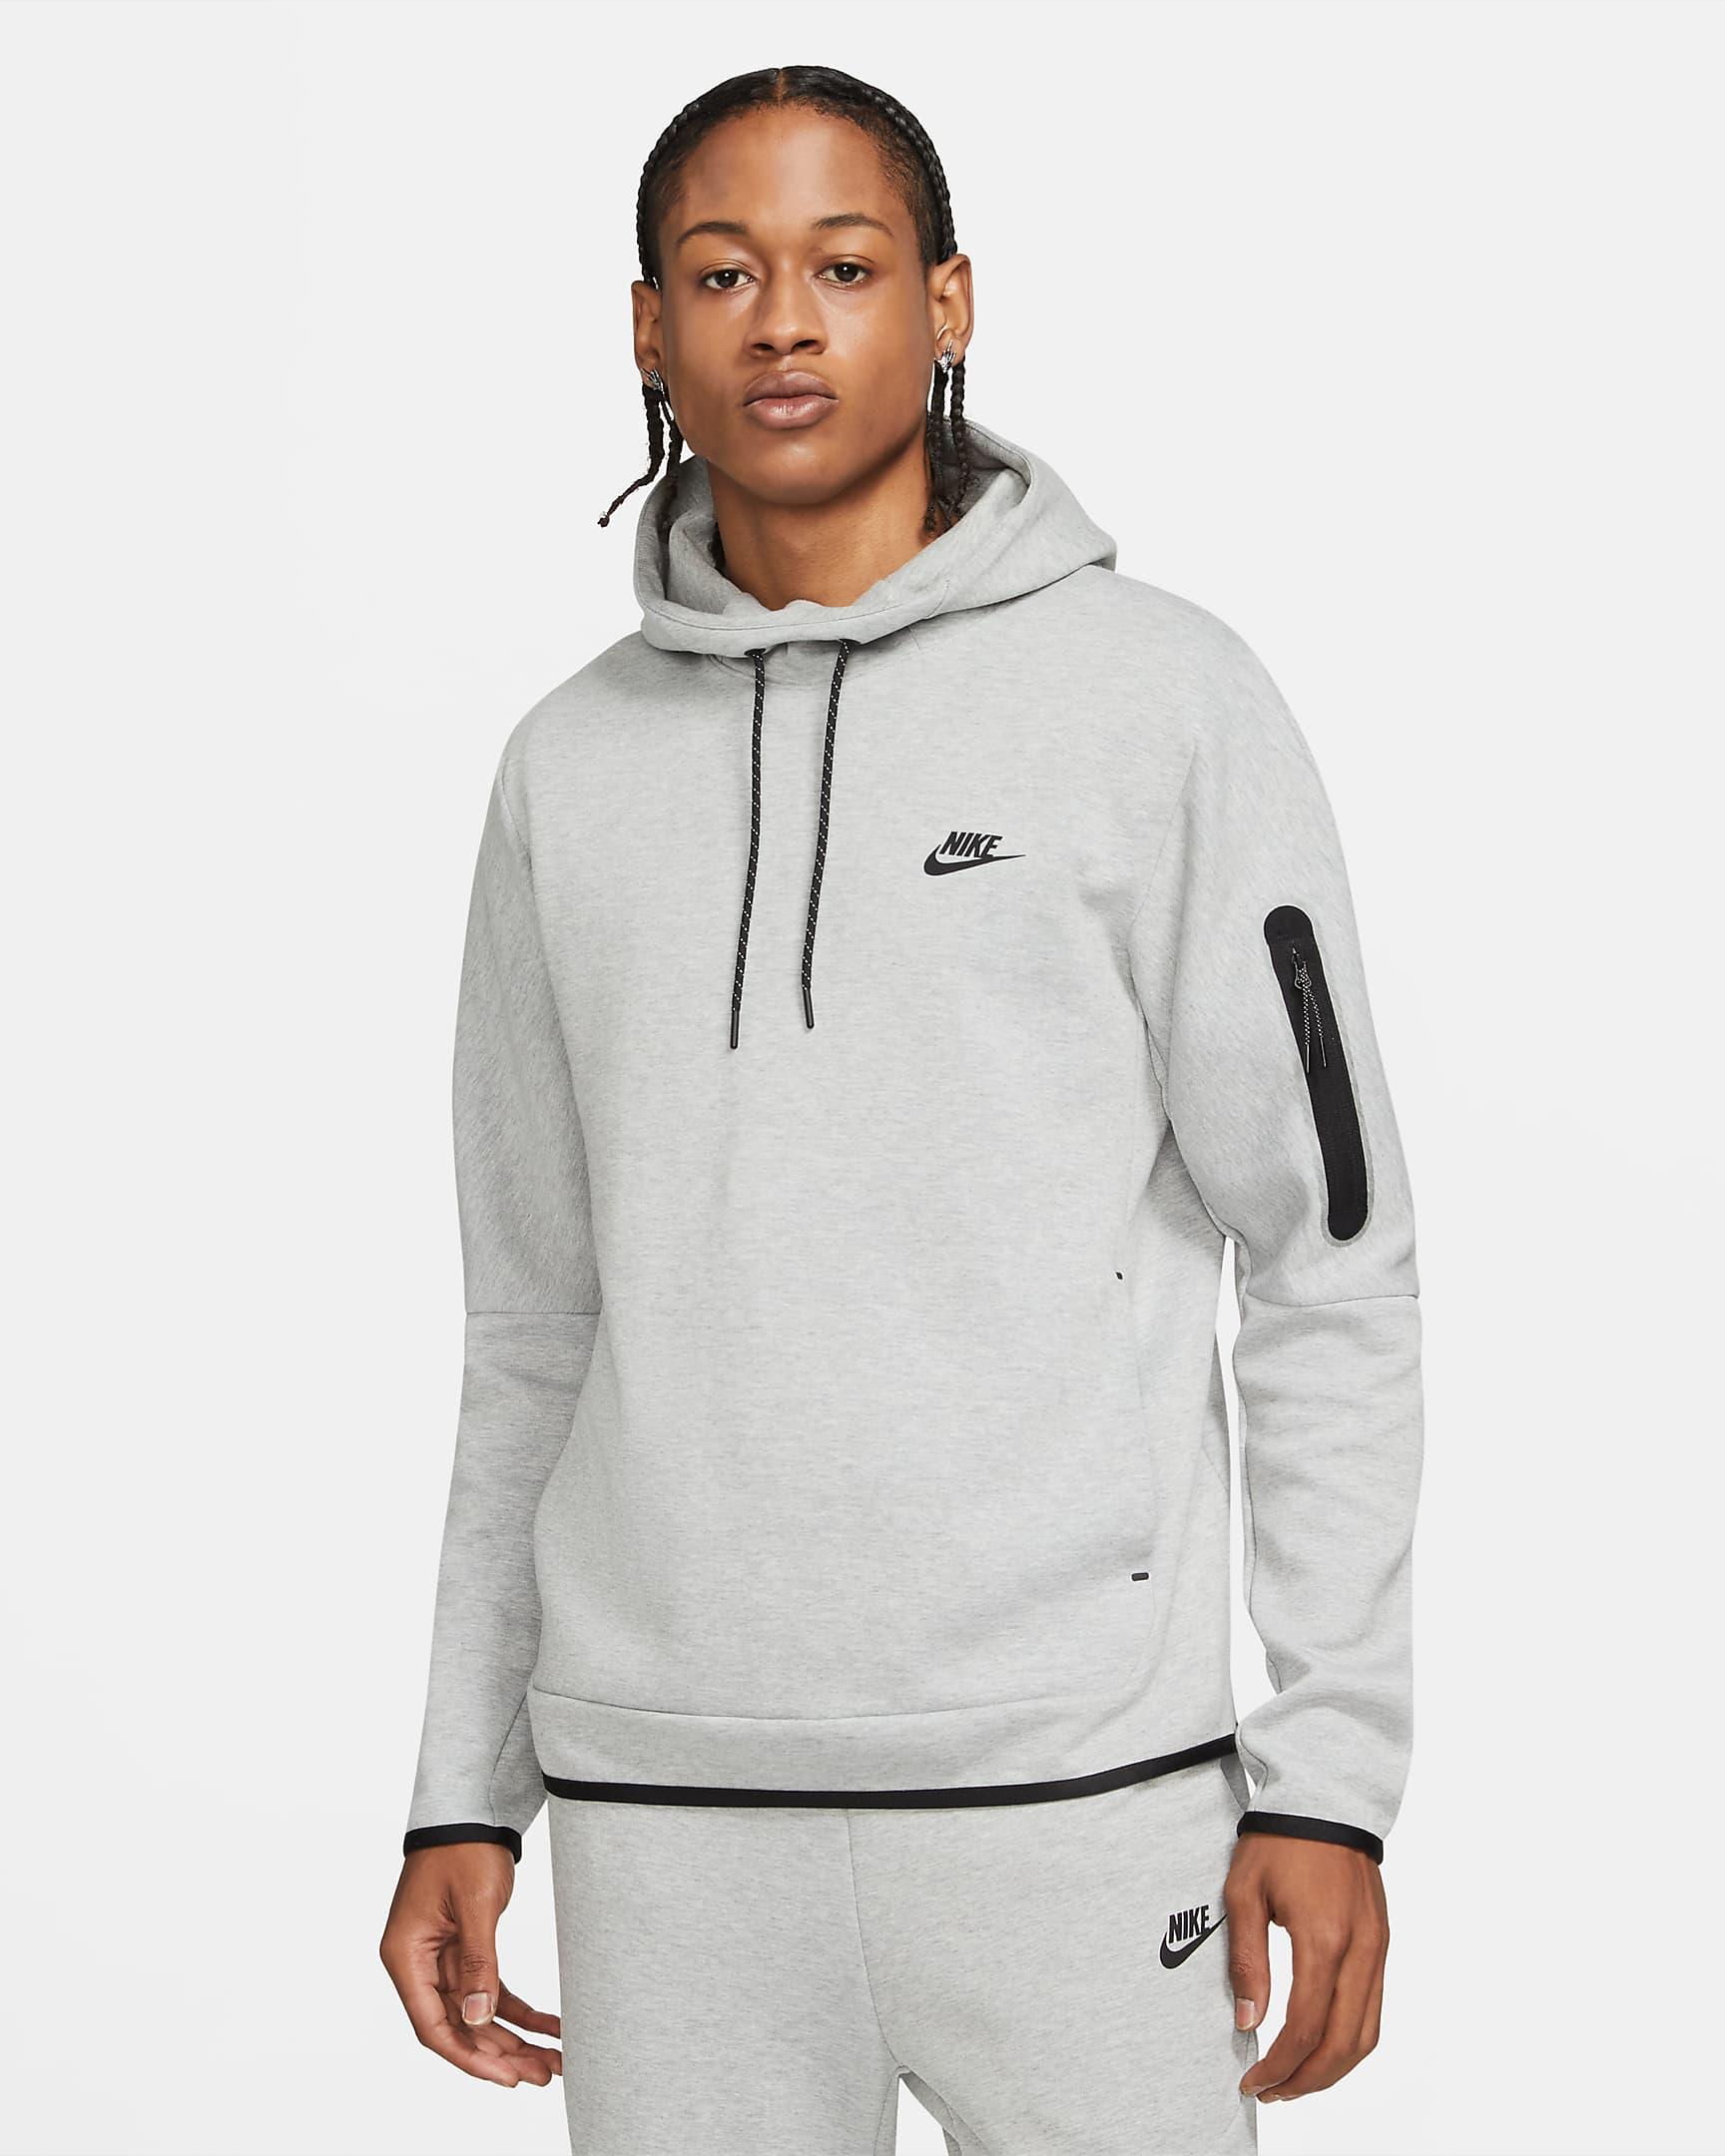 nike-sportswear-tech-fleece-mens-pullover-hoodie-nbWBXD.png